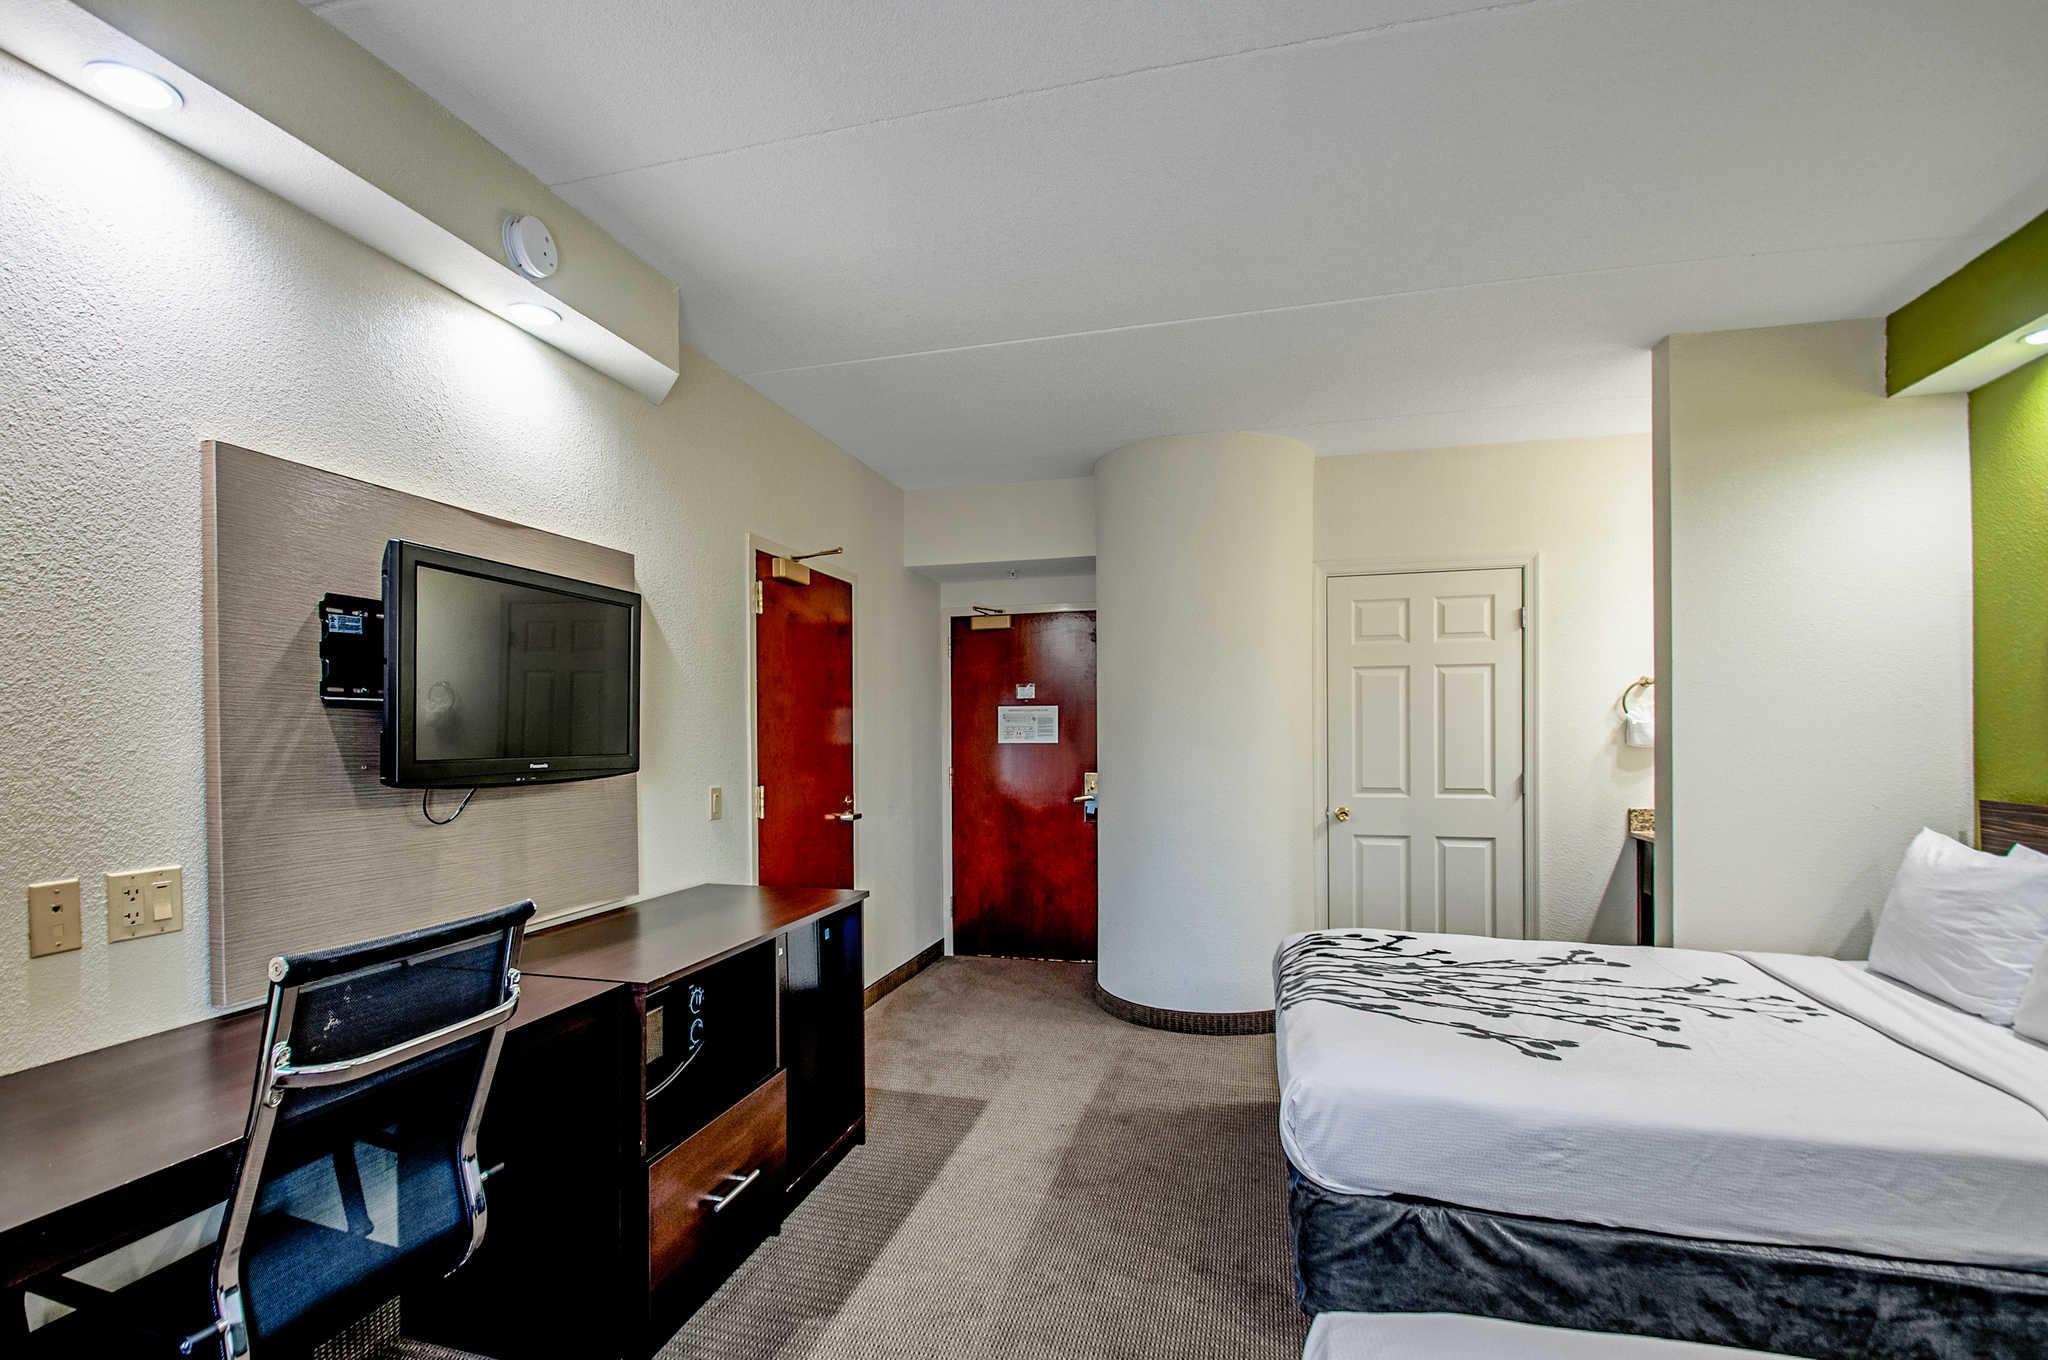 Sleep Inn image 27